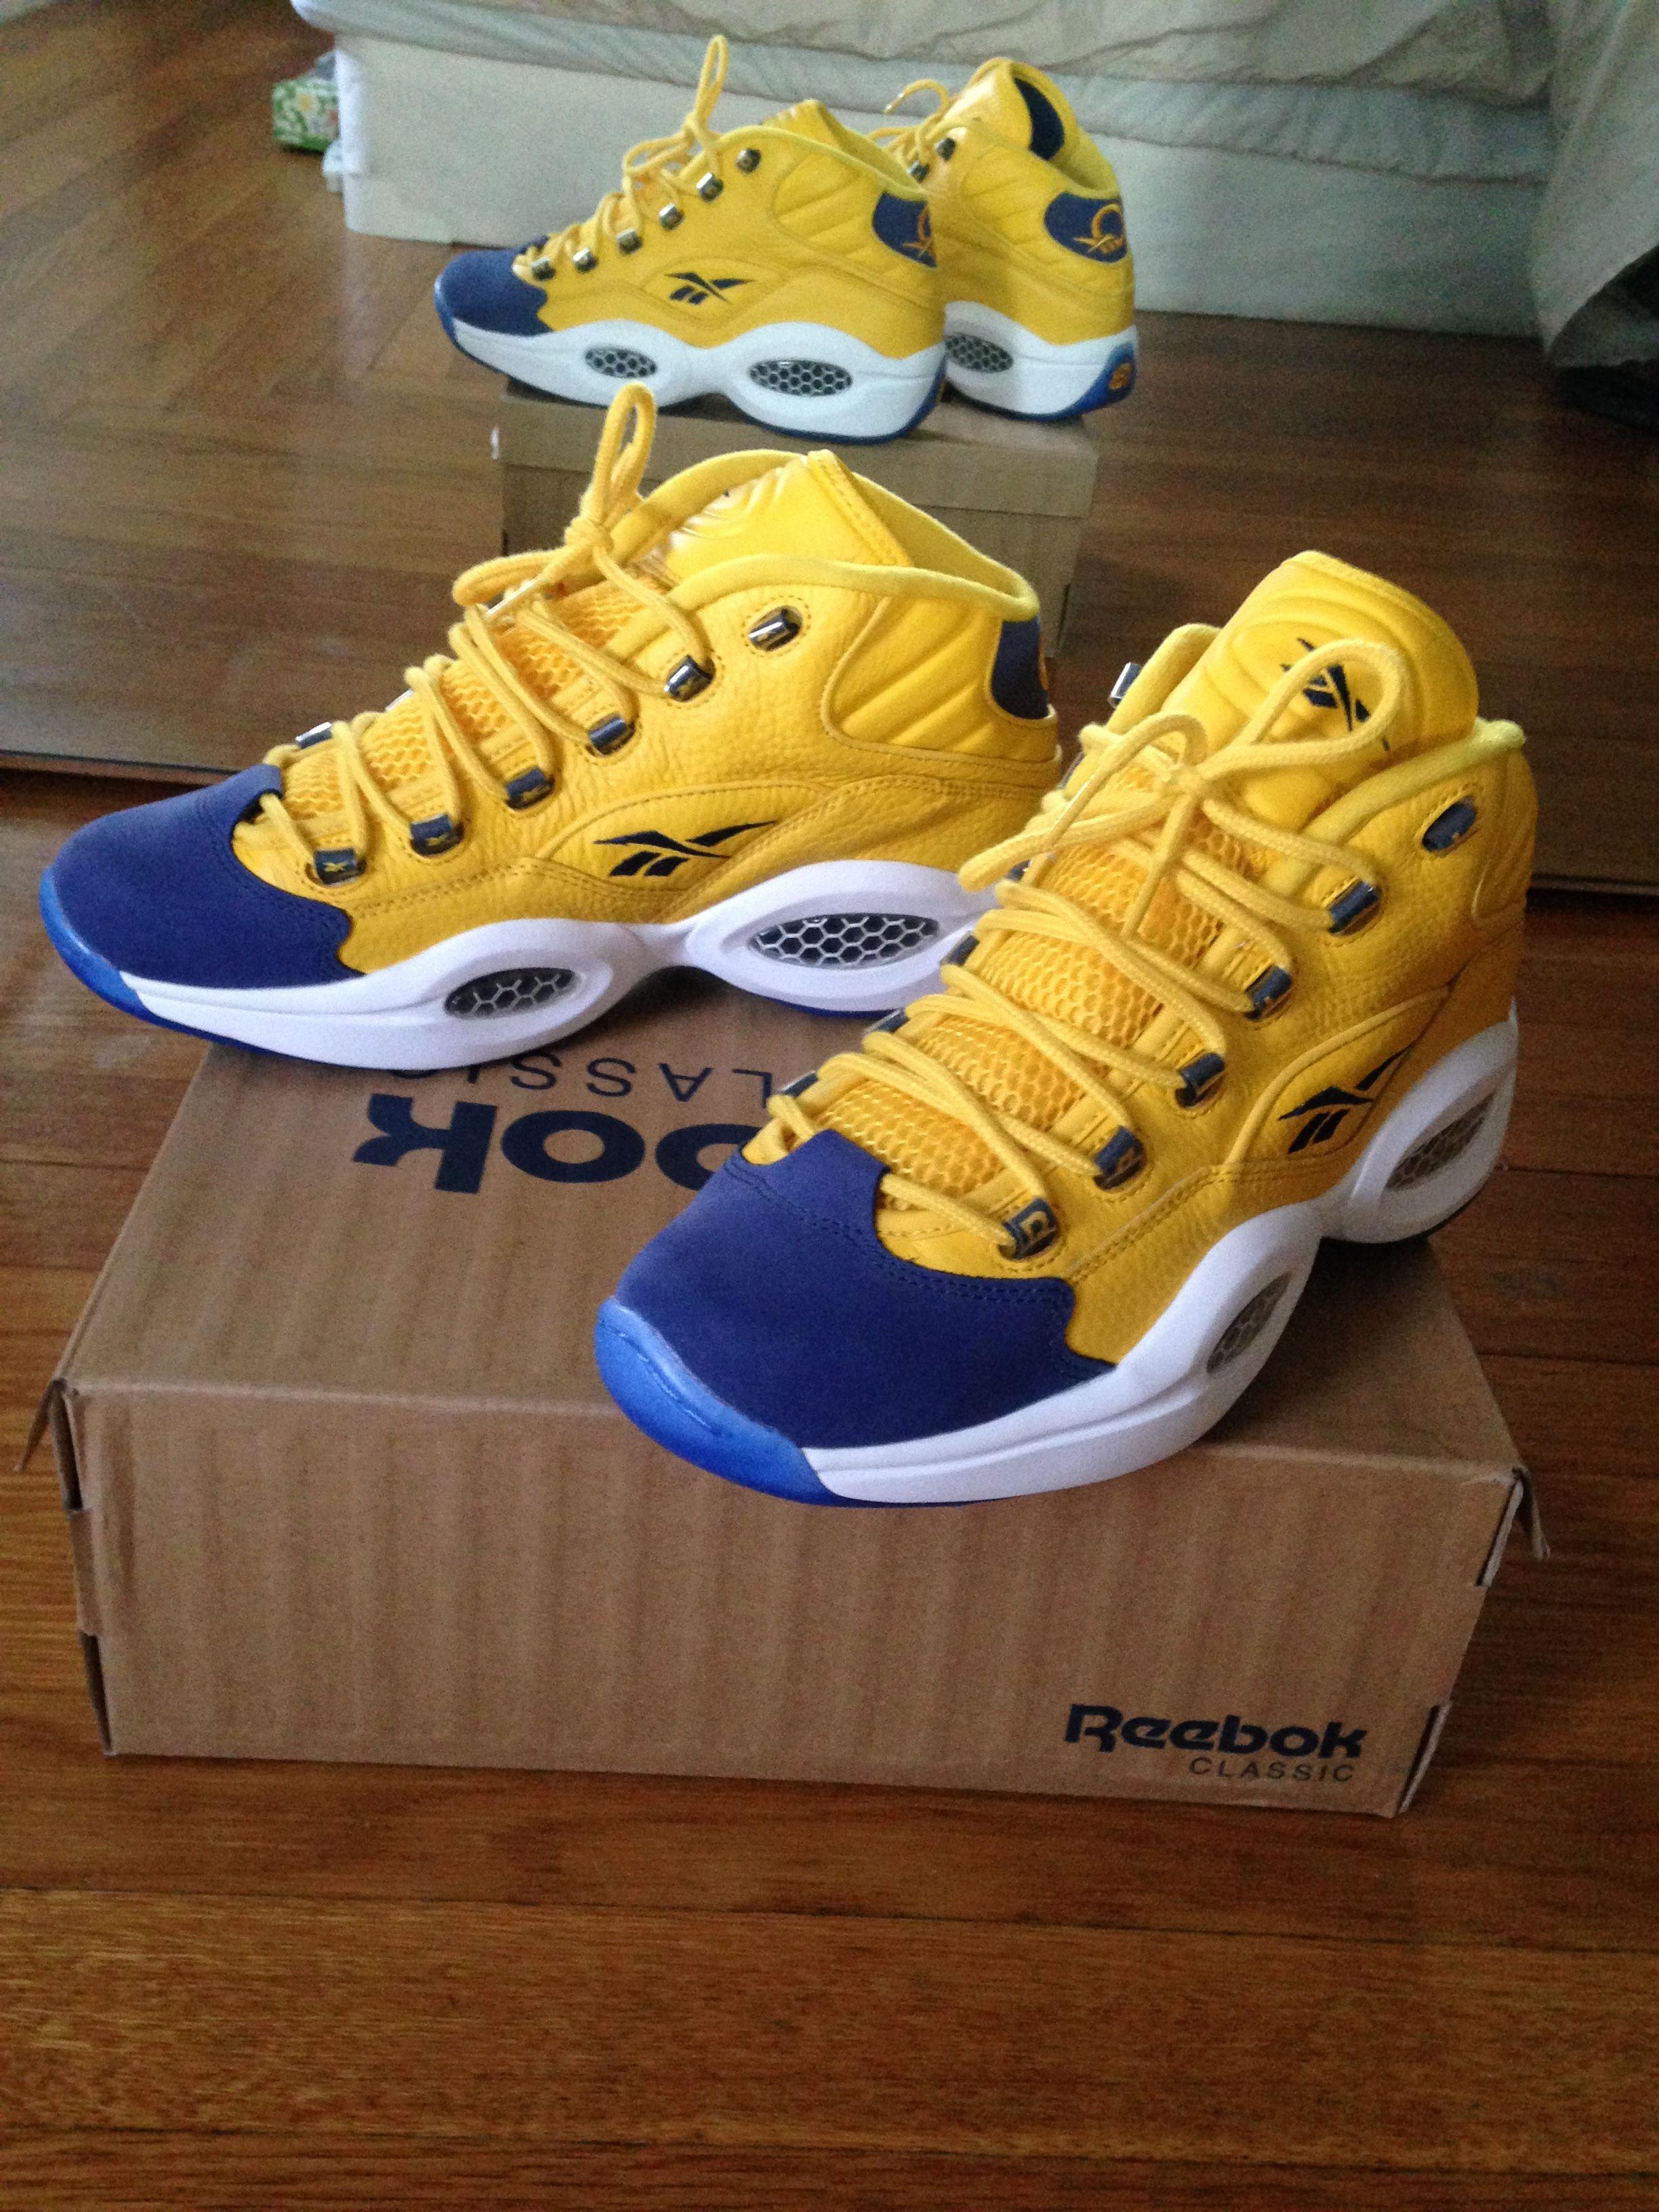 Reebok Question Unworn Kicks In 2019 Sneaker Boots